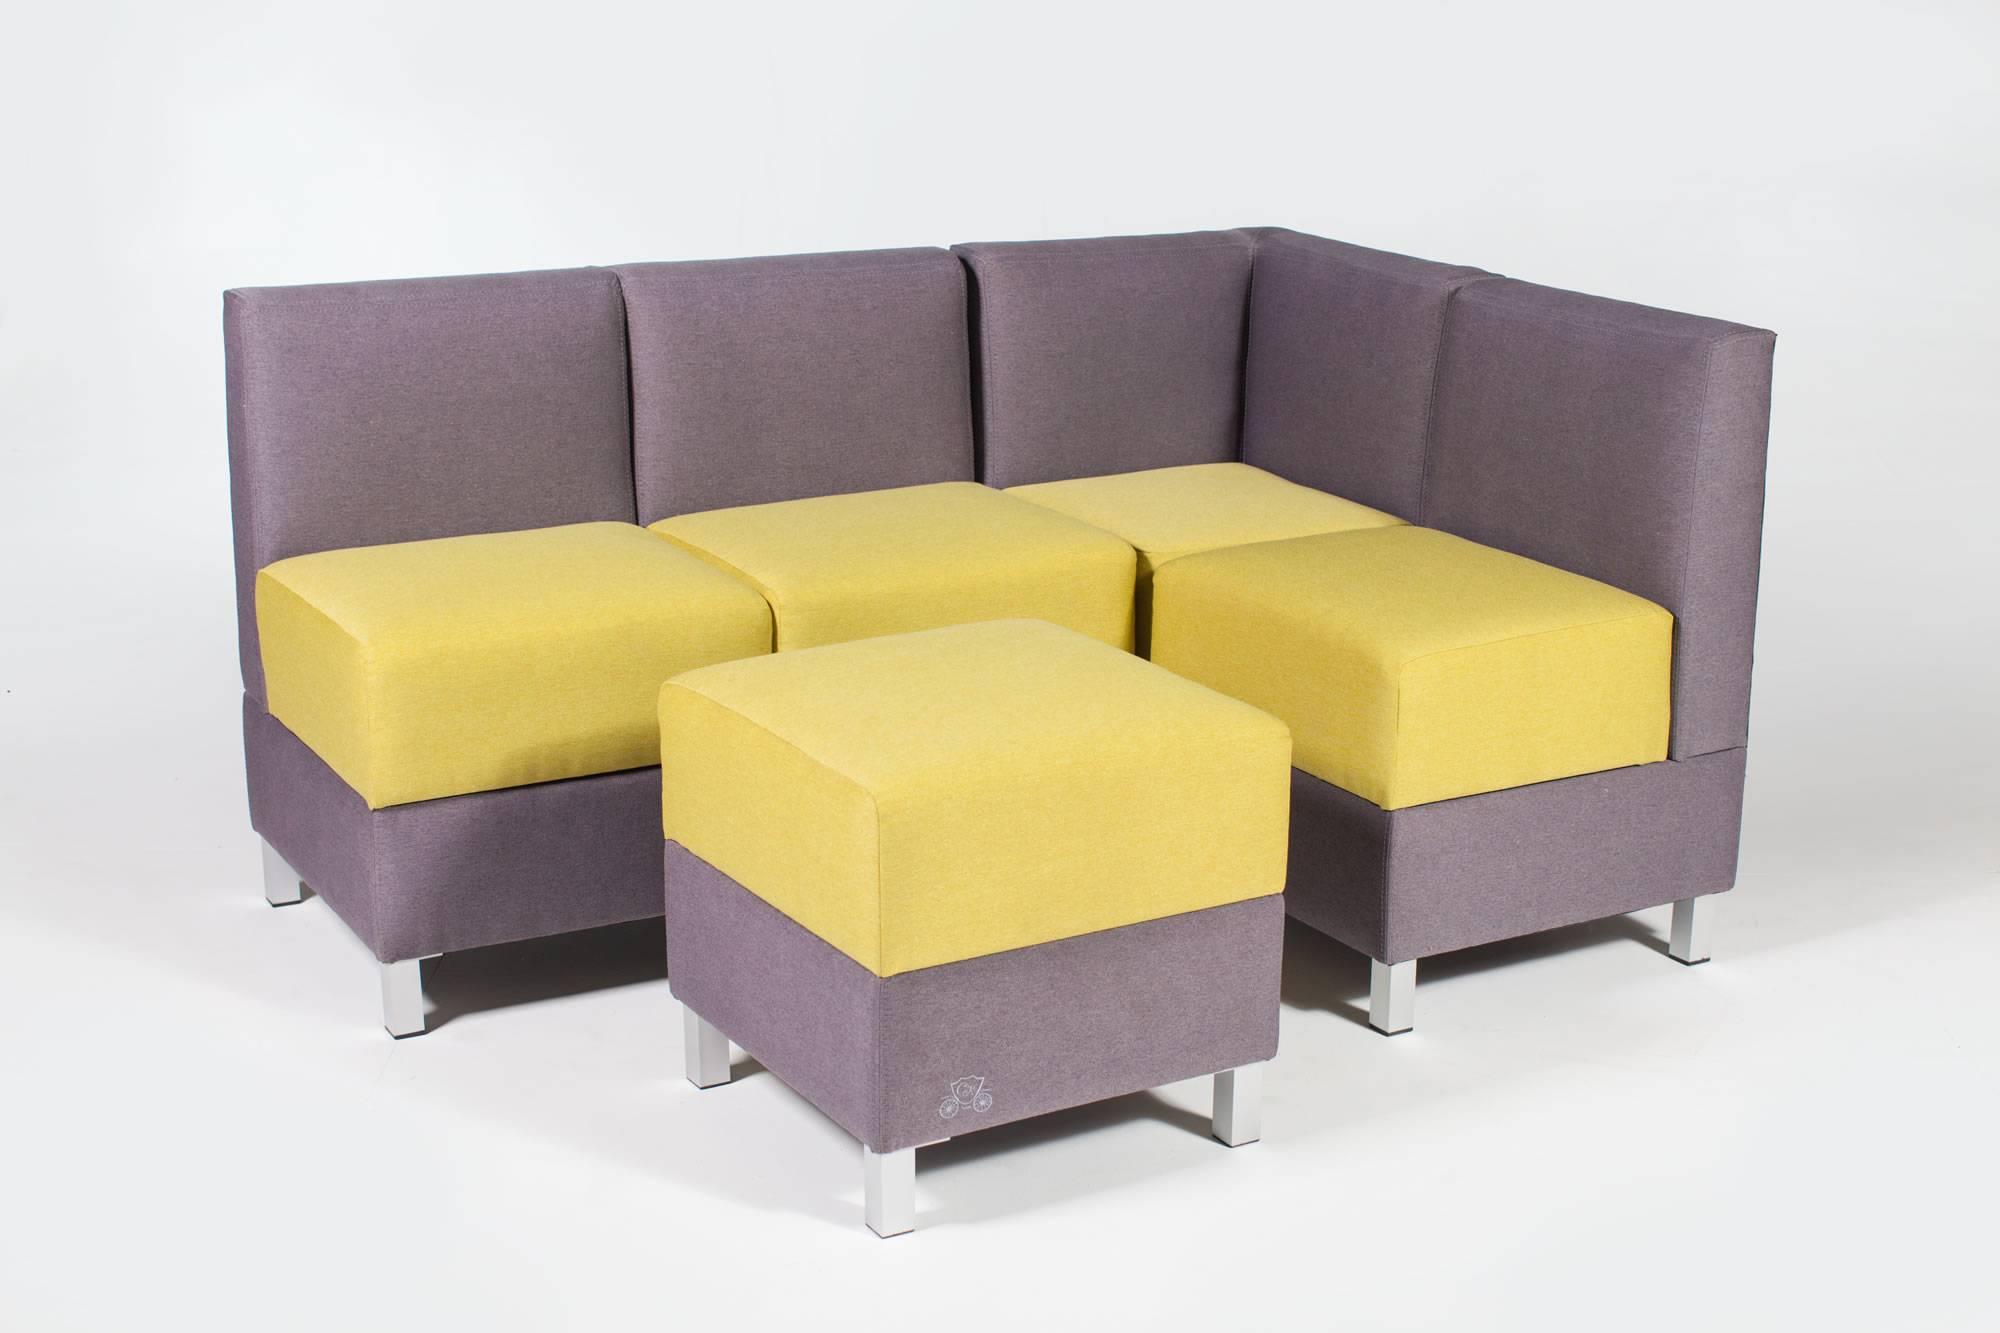 Кухонный диван с ящиками модульный